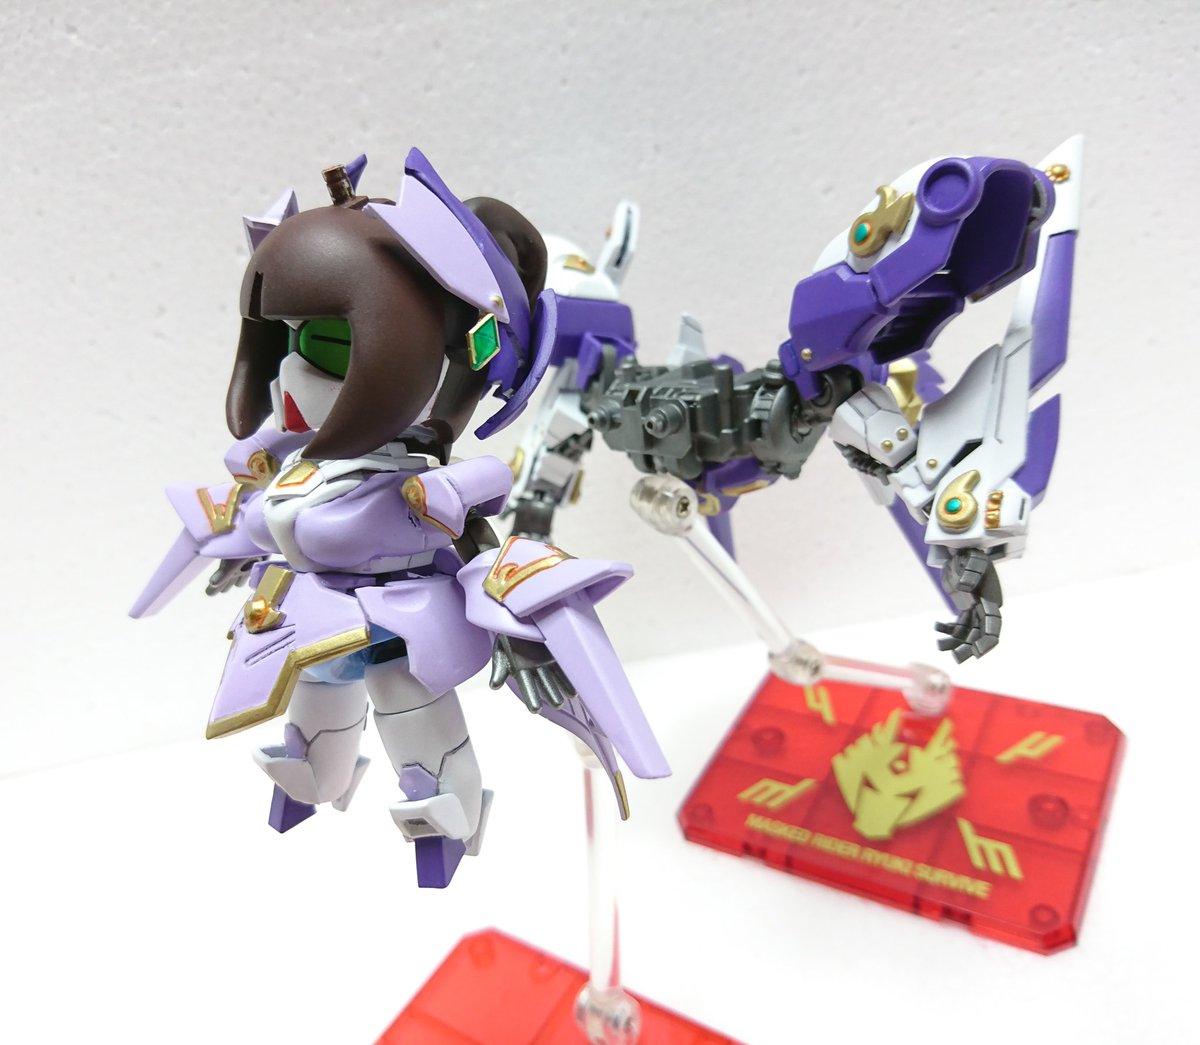 占術姫ティファ頑駄無が鳥獣鉄機ベルティゴと合体する事によって月光神姫ヌーヴェルティファにパワーアップ!アームユニットでの格闘戦や可変させビットを展開したオールレンジ攻撃が可能になる。